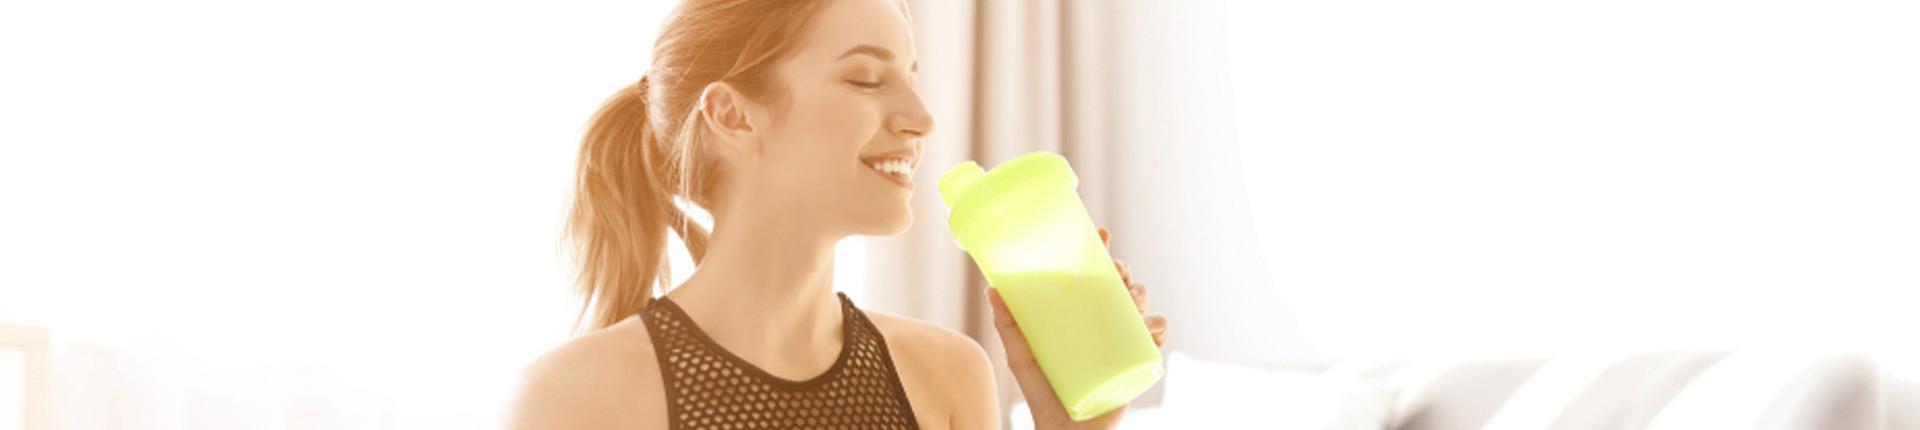 Czy koktajle proteinowe pomagają schudnąć i stracić tłuszcz z brzucha?